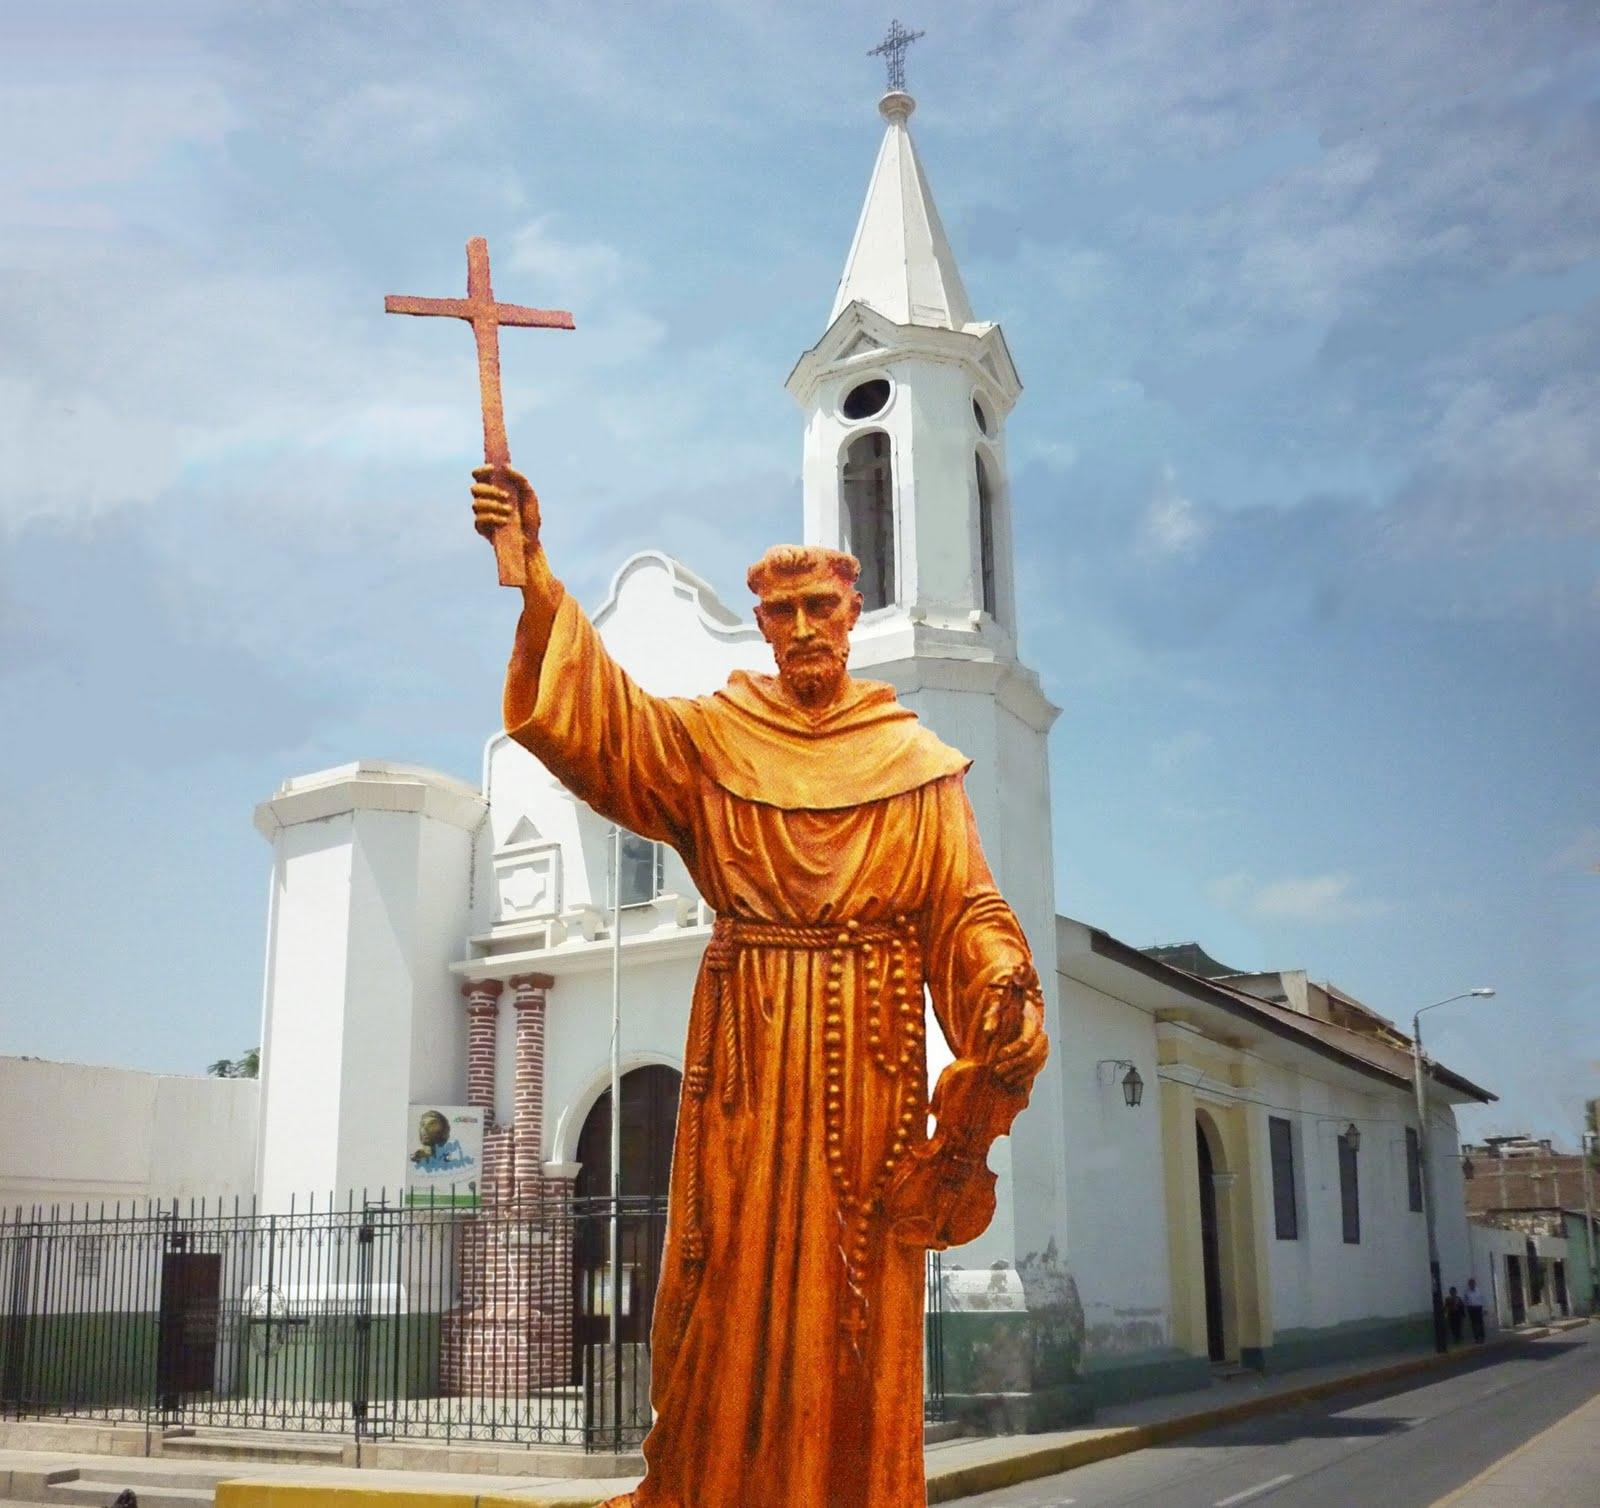 Imagen e iglesia dedicadas al Santo en Piura, Perú.